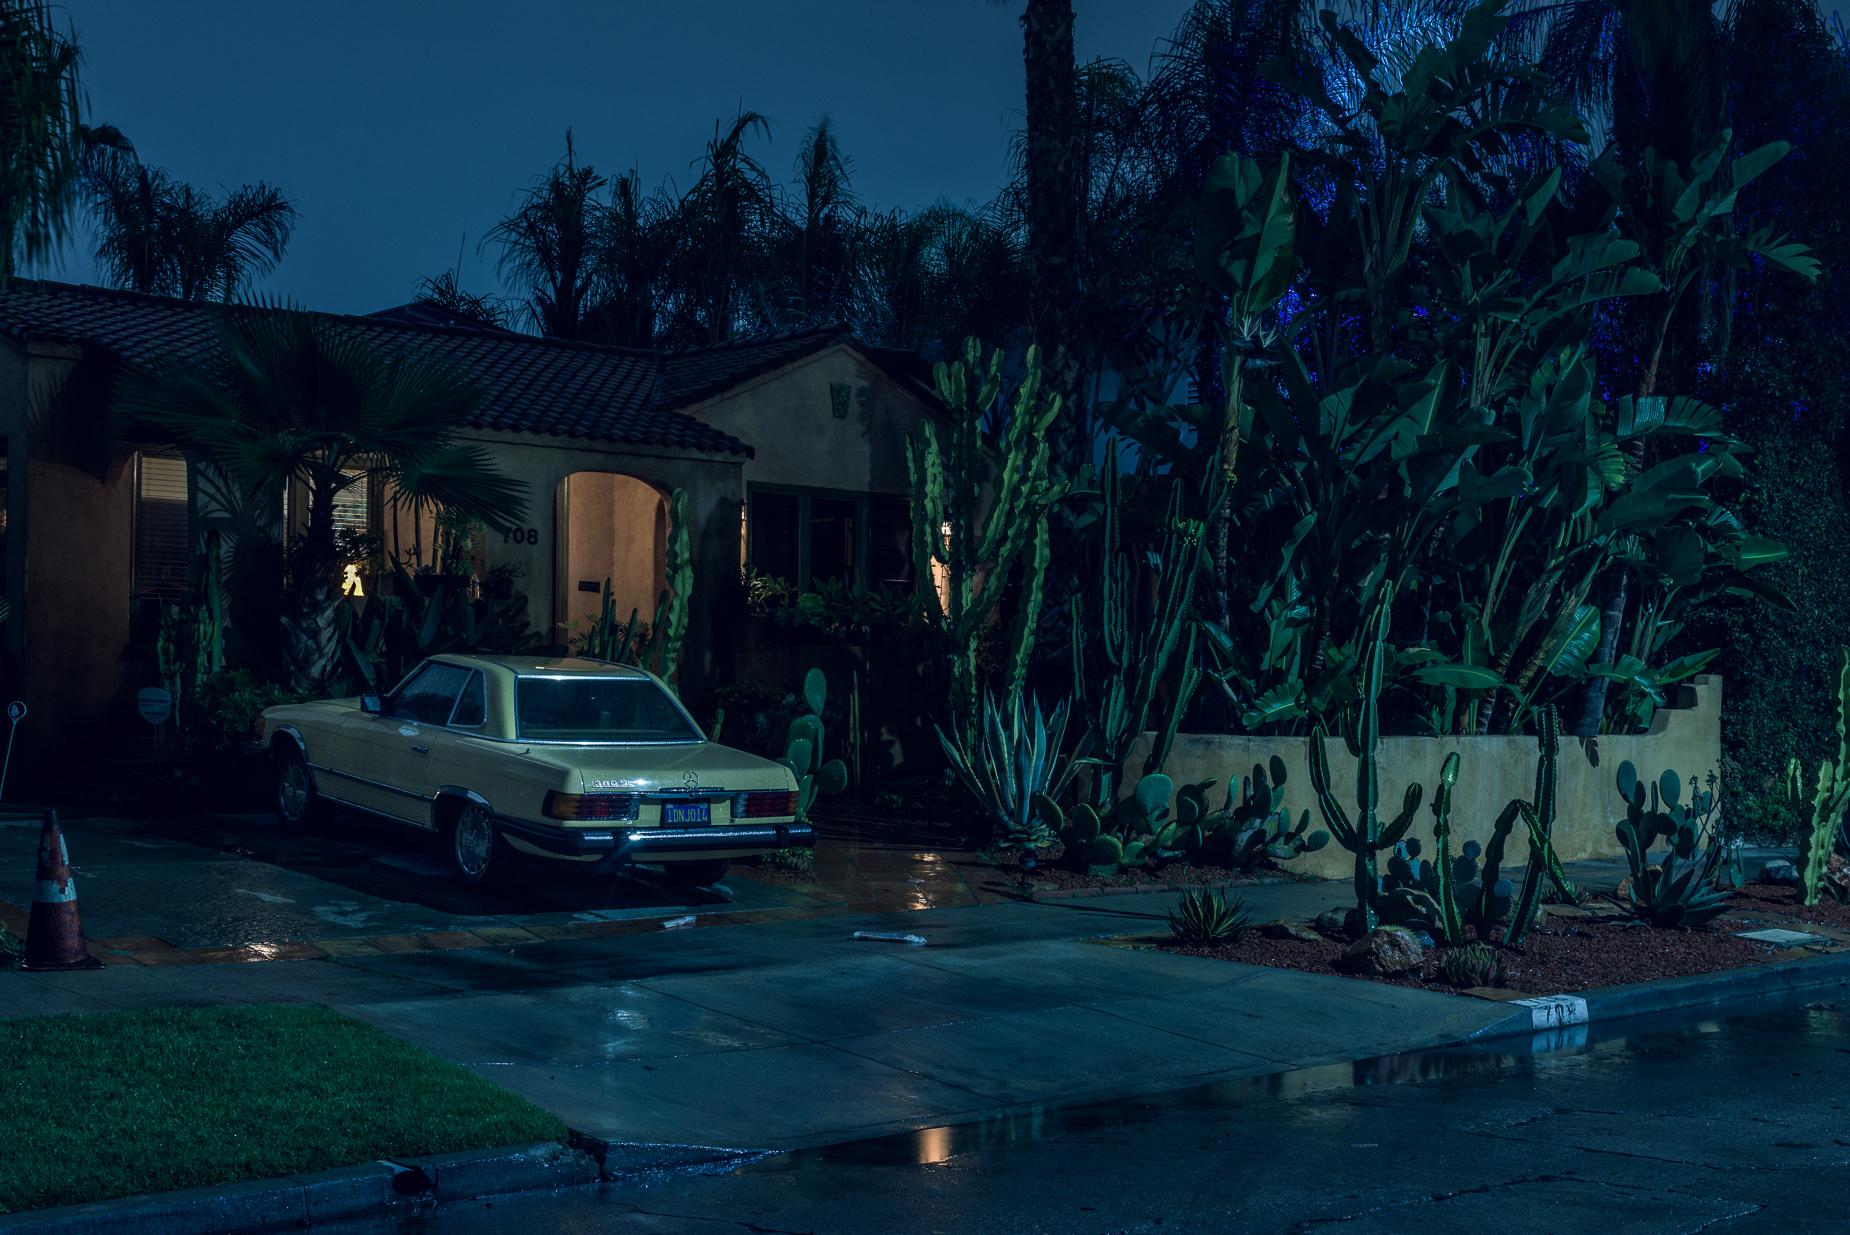 Voiture jaune garée devant une maison individuelle américaine bordée de cactus, de nuit